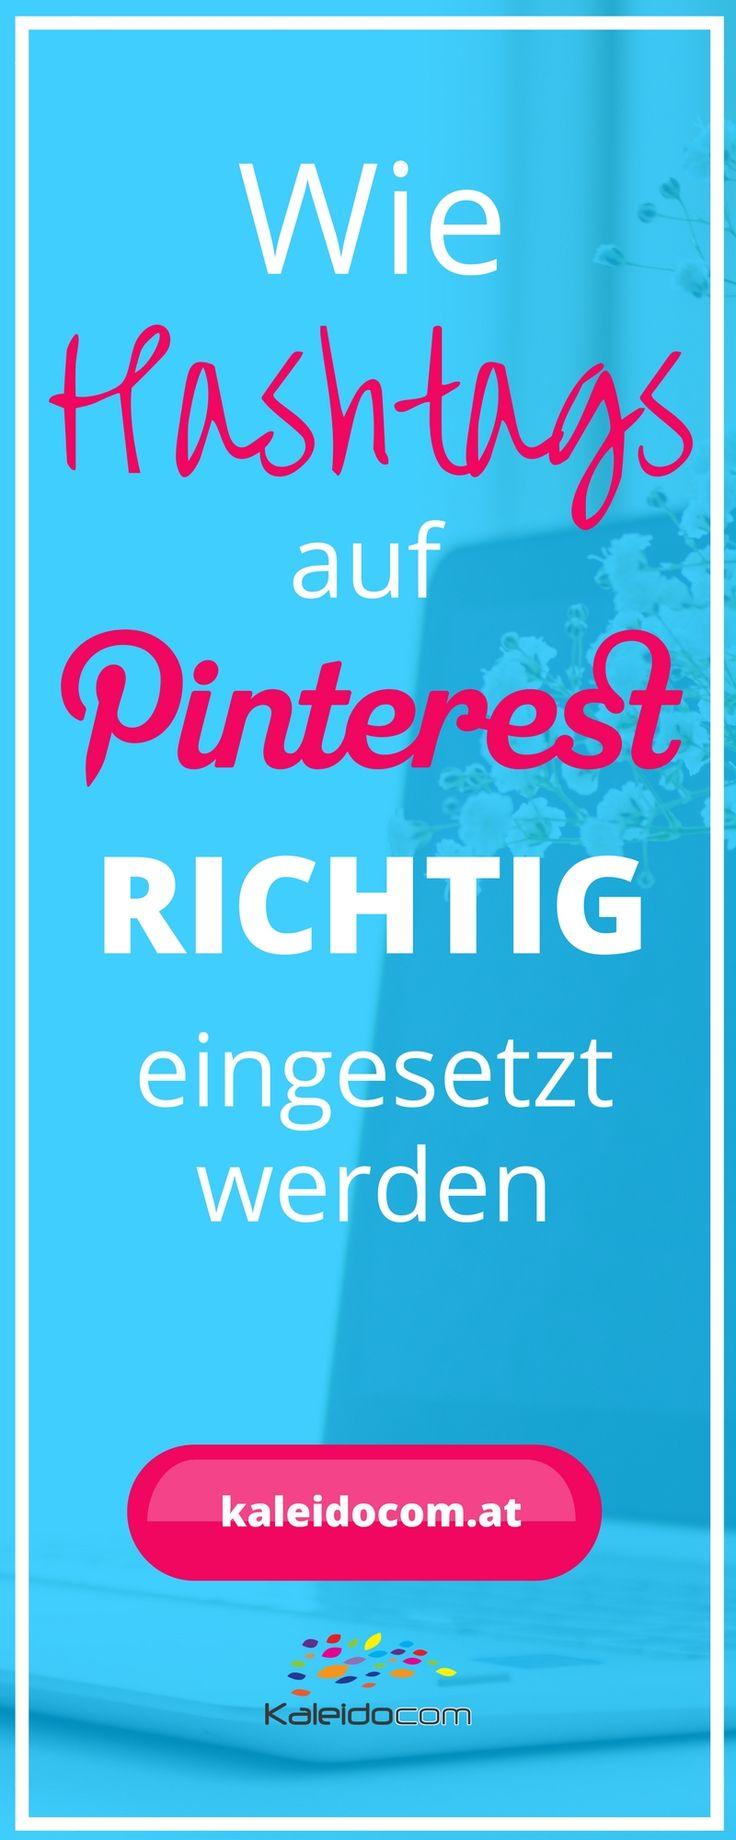 Sind Hashtags auf Pinterest sinnvoll oder Unsinn? So werden Hashtags auf Pinterest RICHTIG eingesetzt. #pinteresttipp #pinterestmarketing